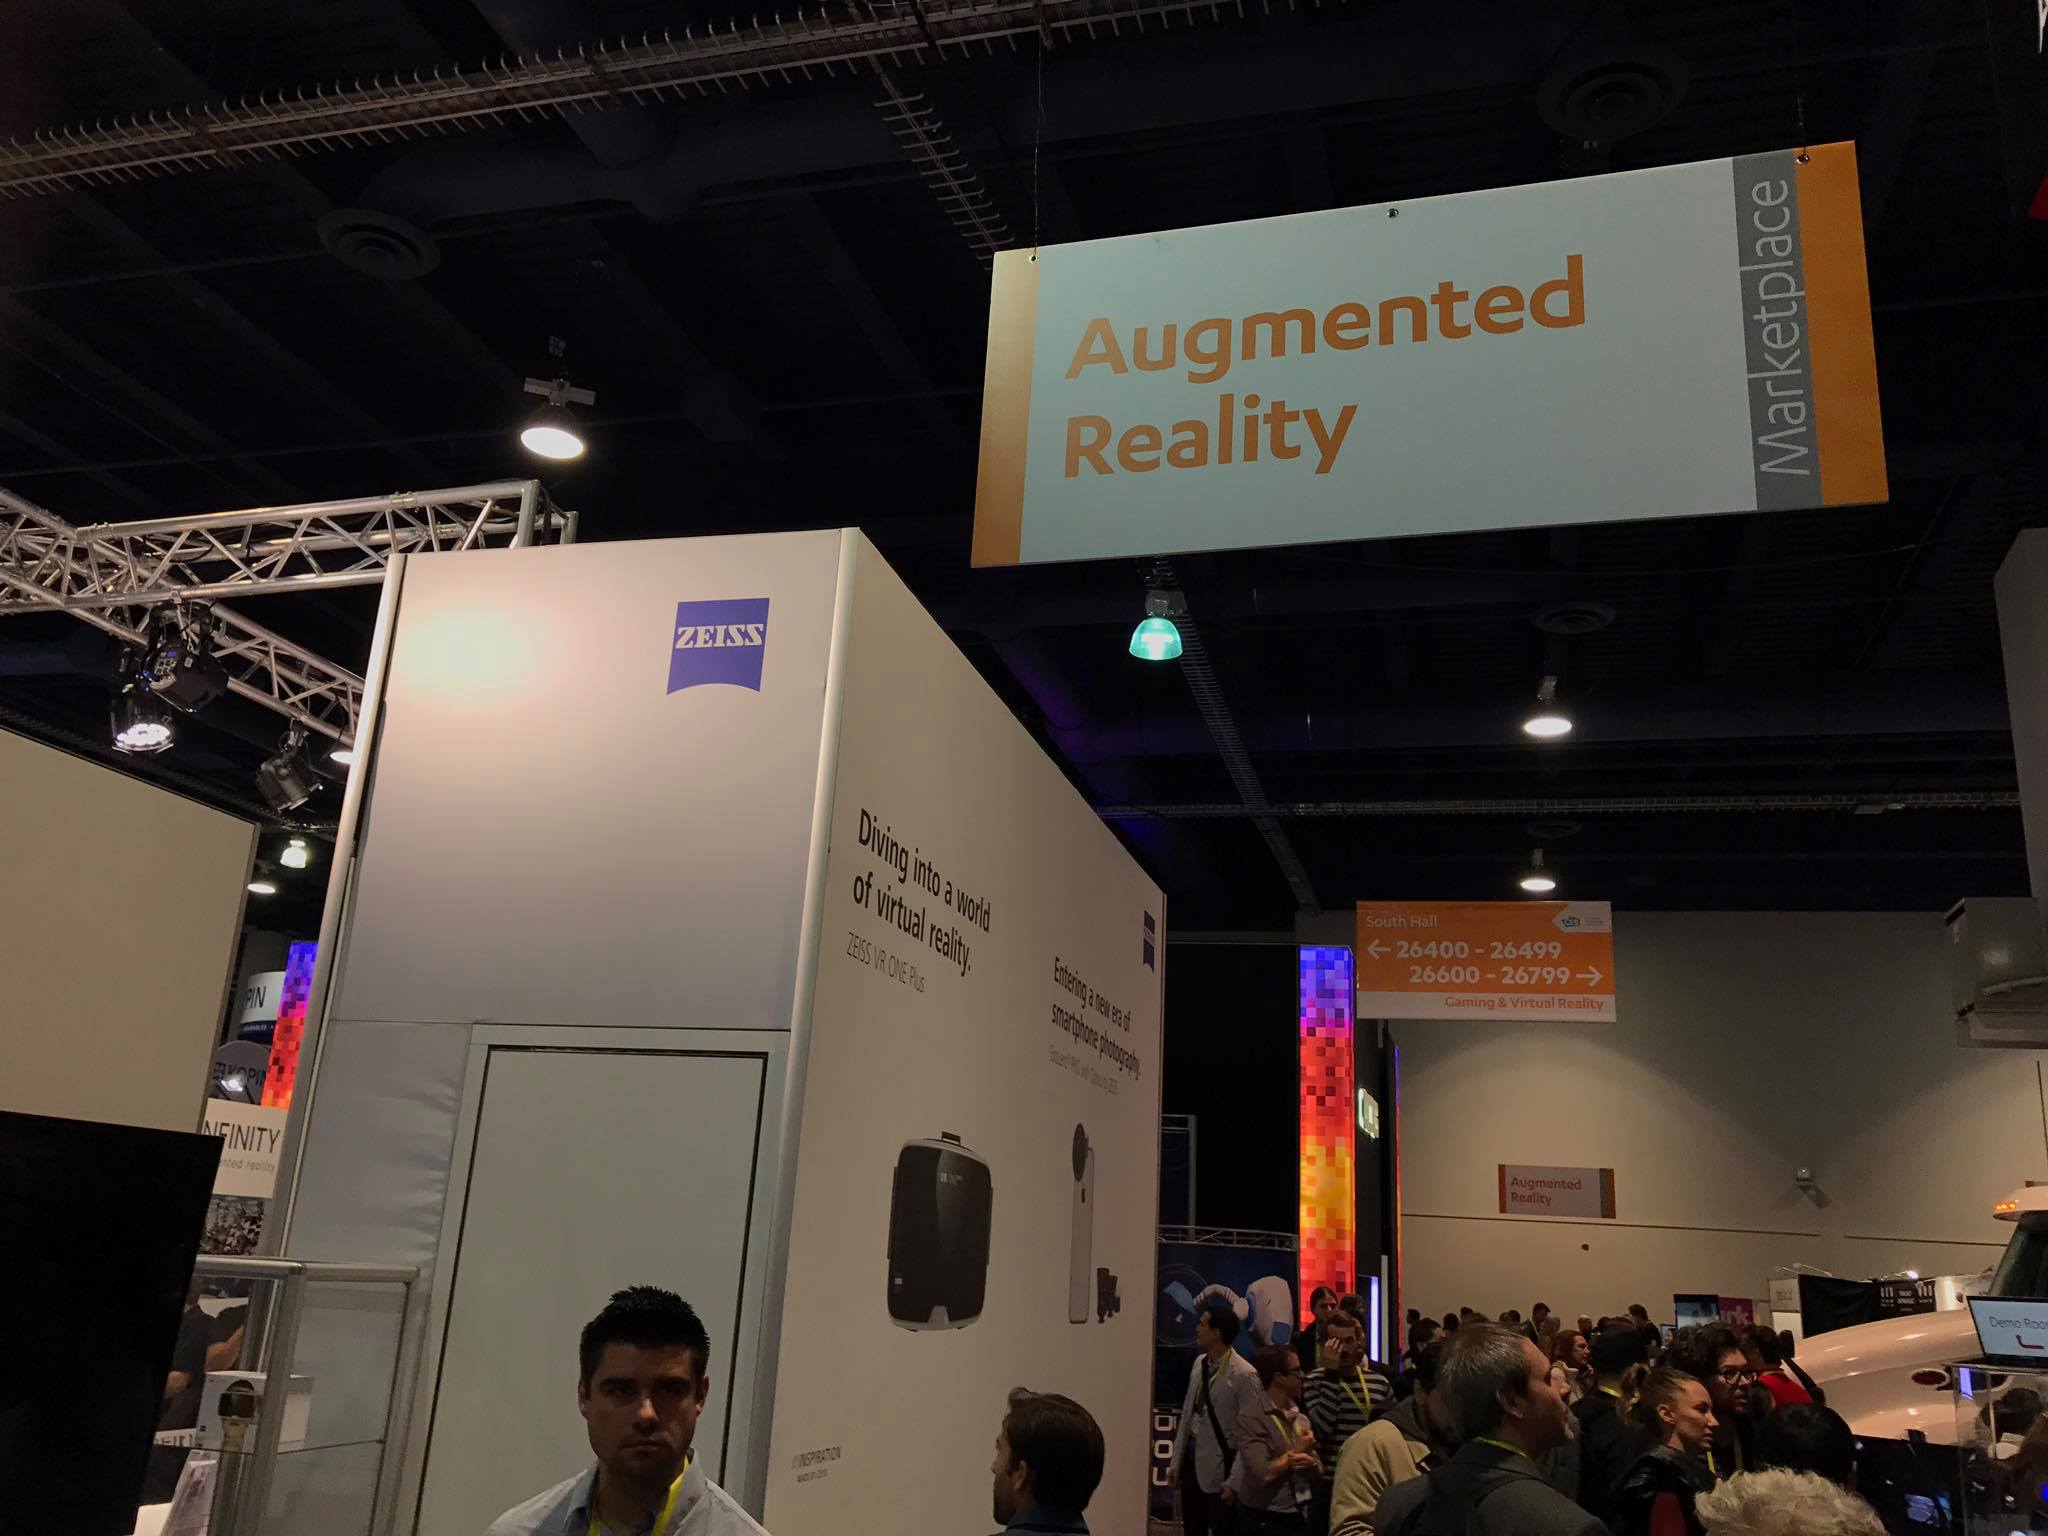 Estande da Carl Zeiss na CES 2017, na área de realidade aumentada